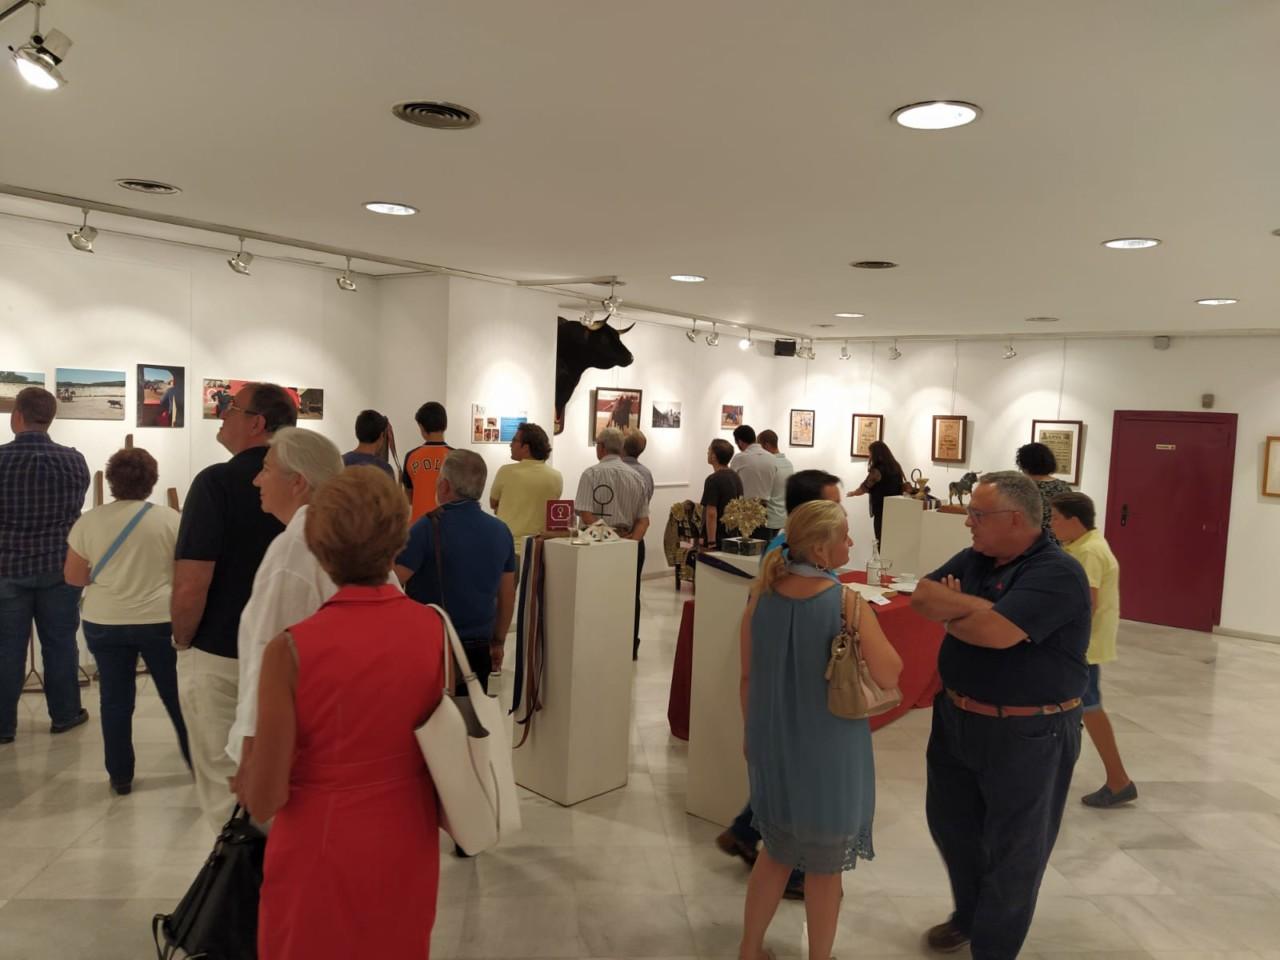 HOMENAJE 'Exposición Centenaria' por Tauroemoción